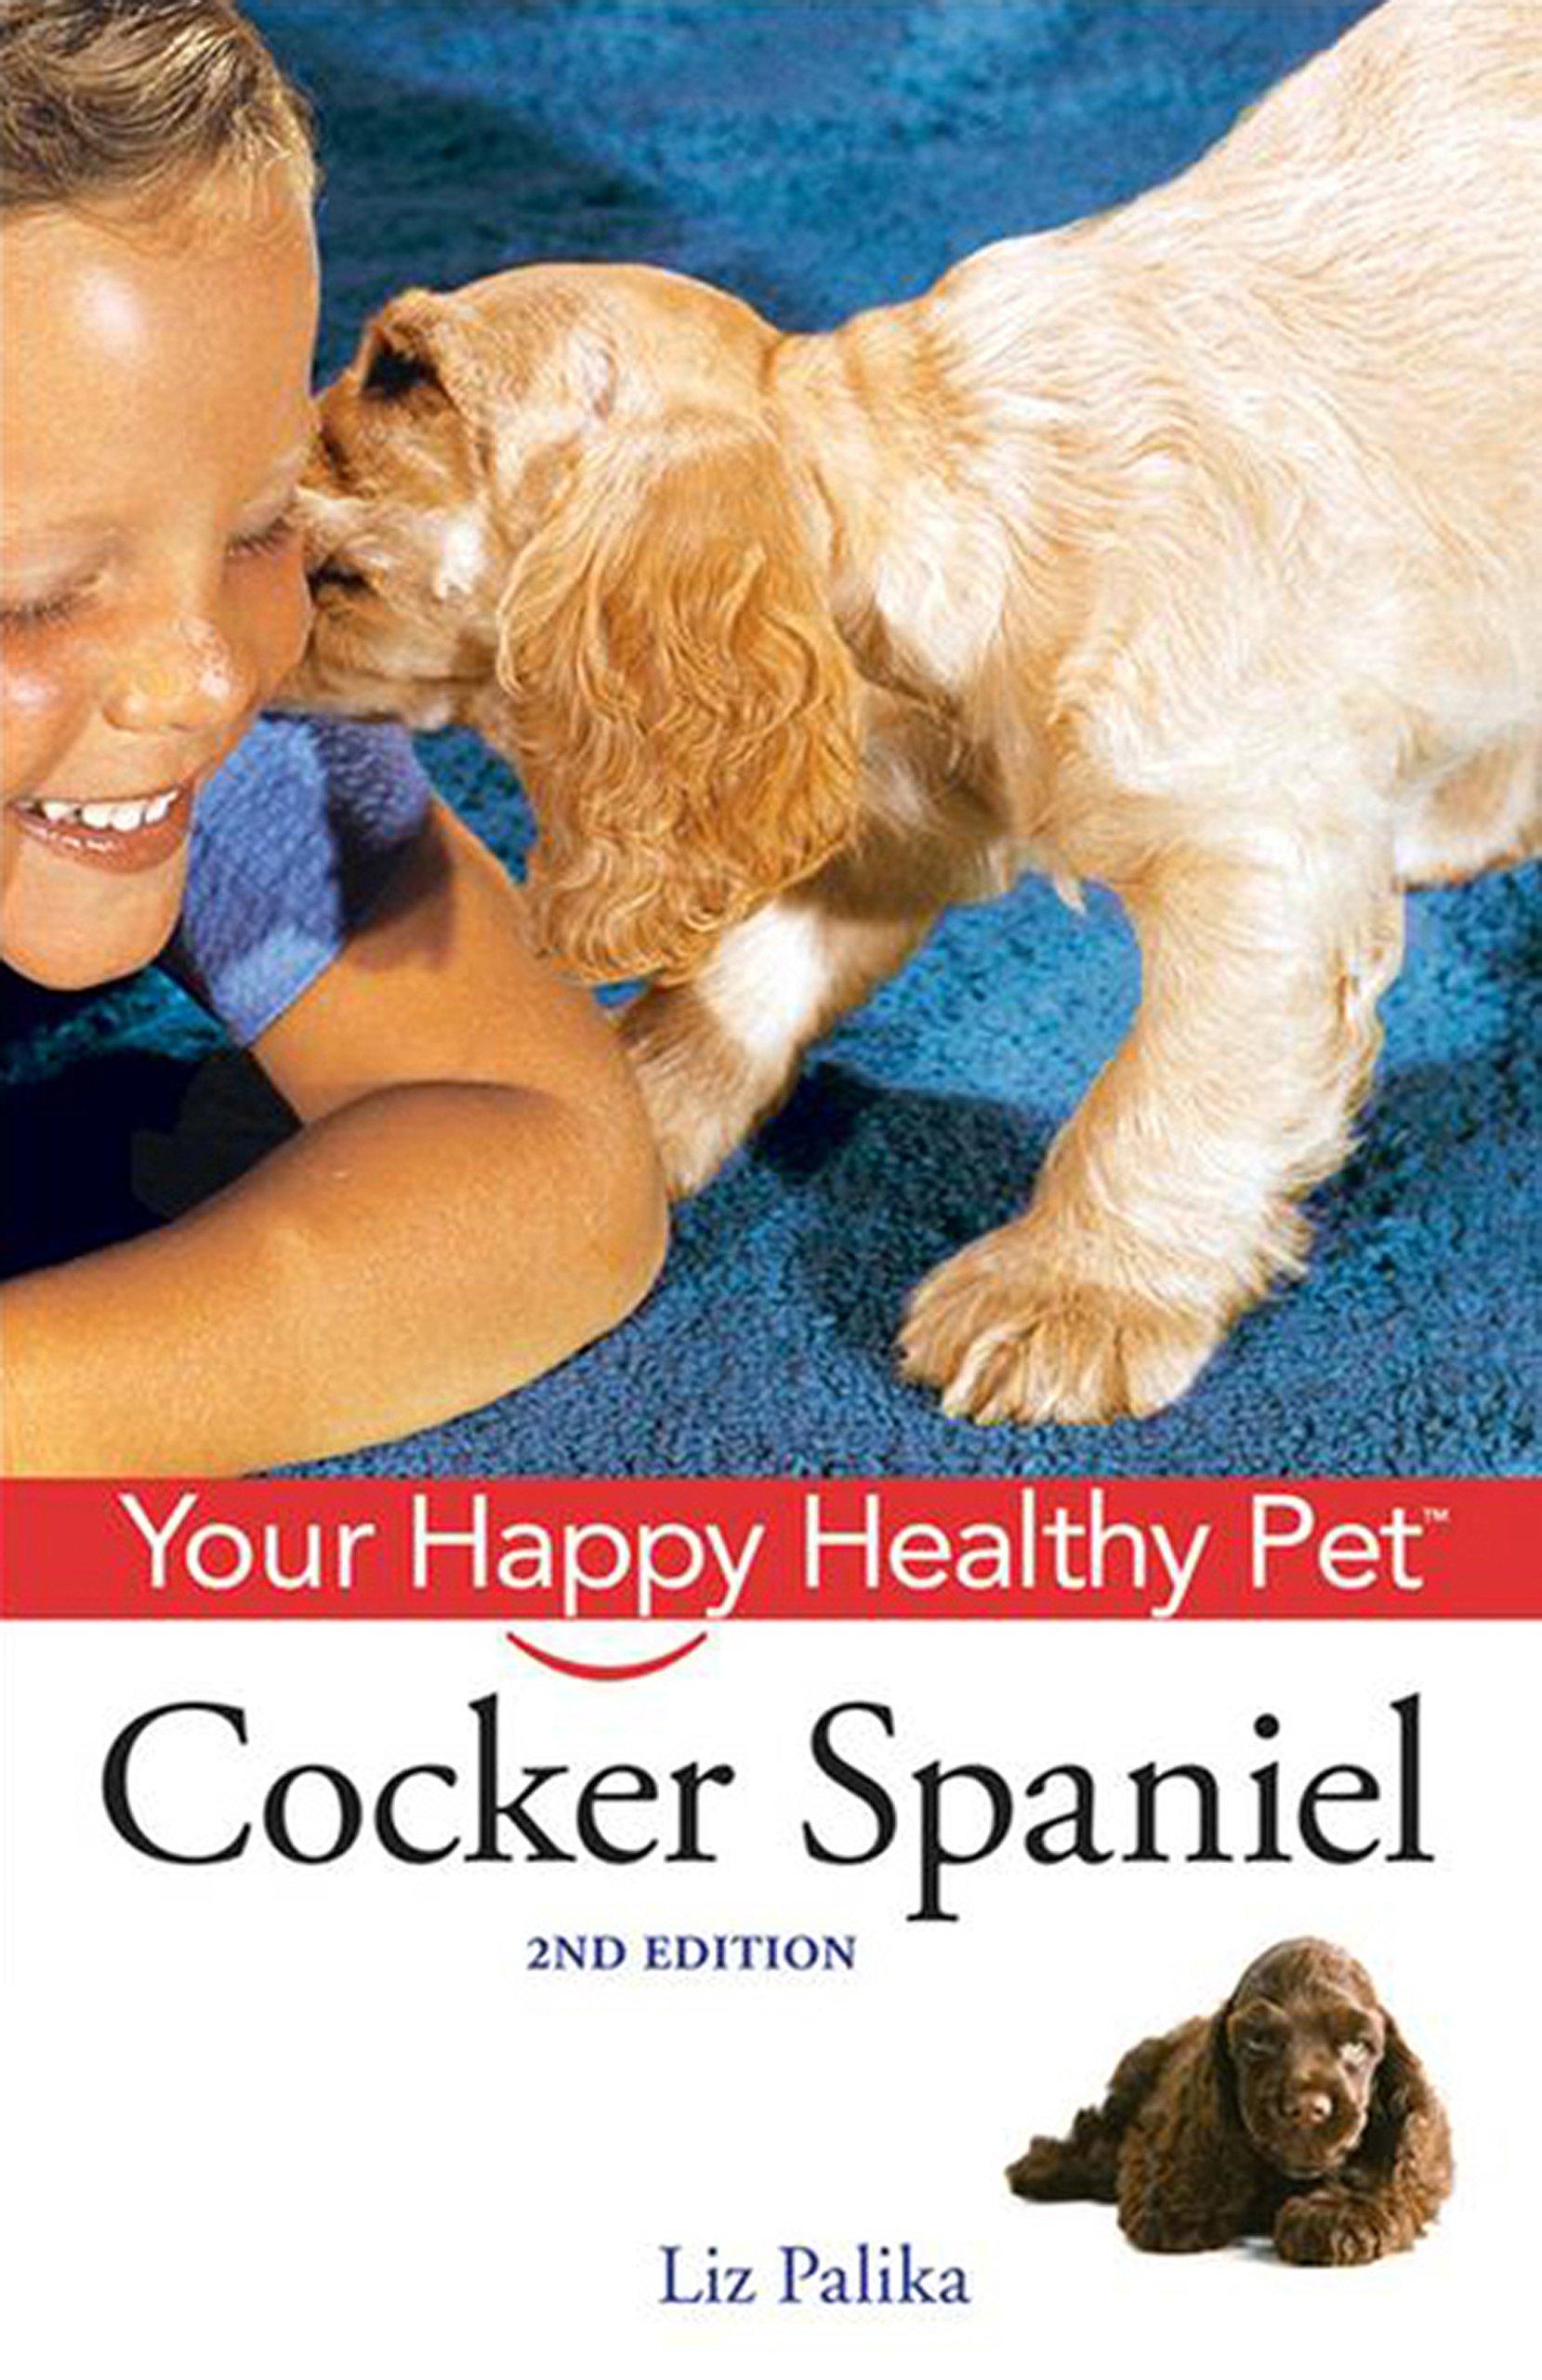 Cocker Spaniel: Your Happy Healthy Pet ebook